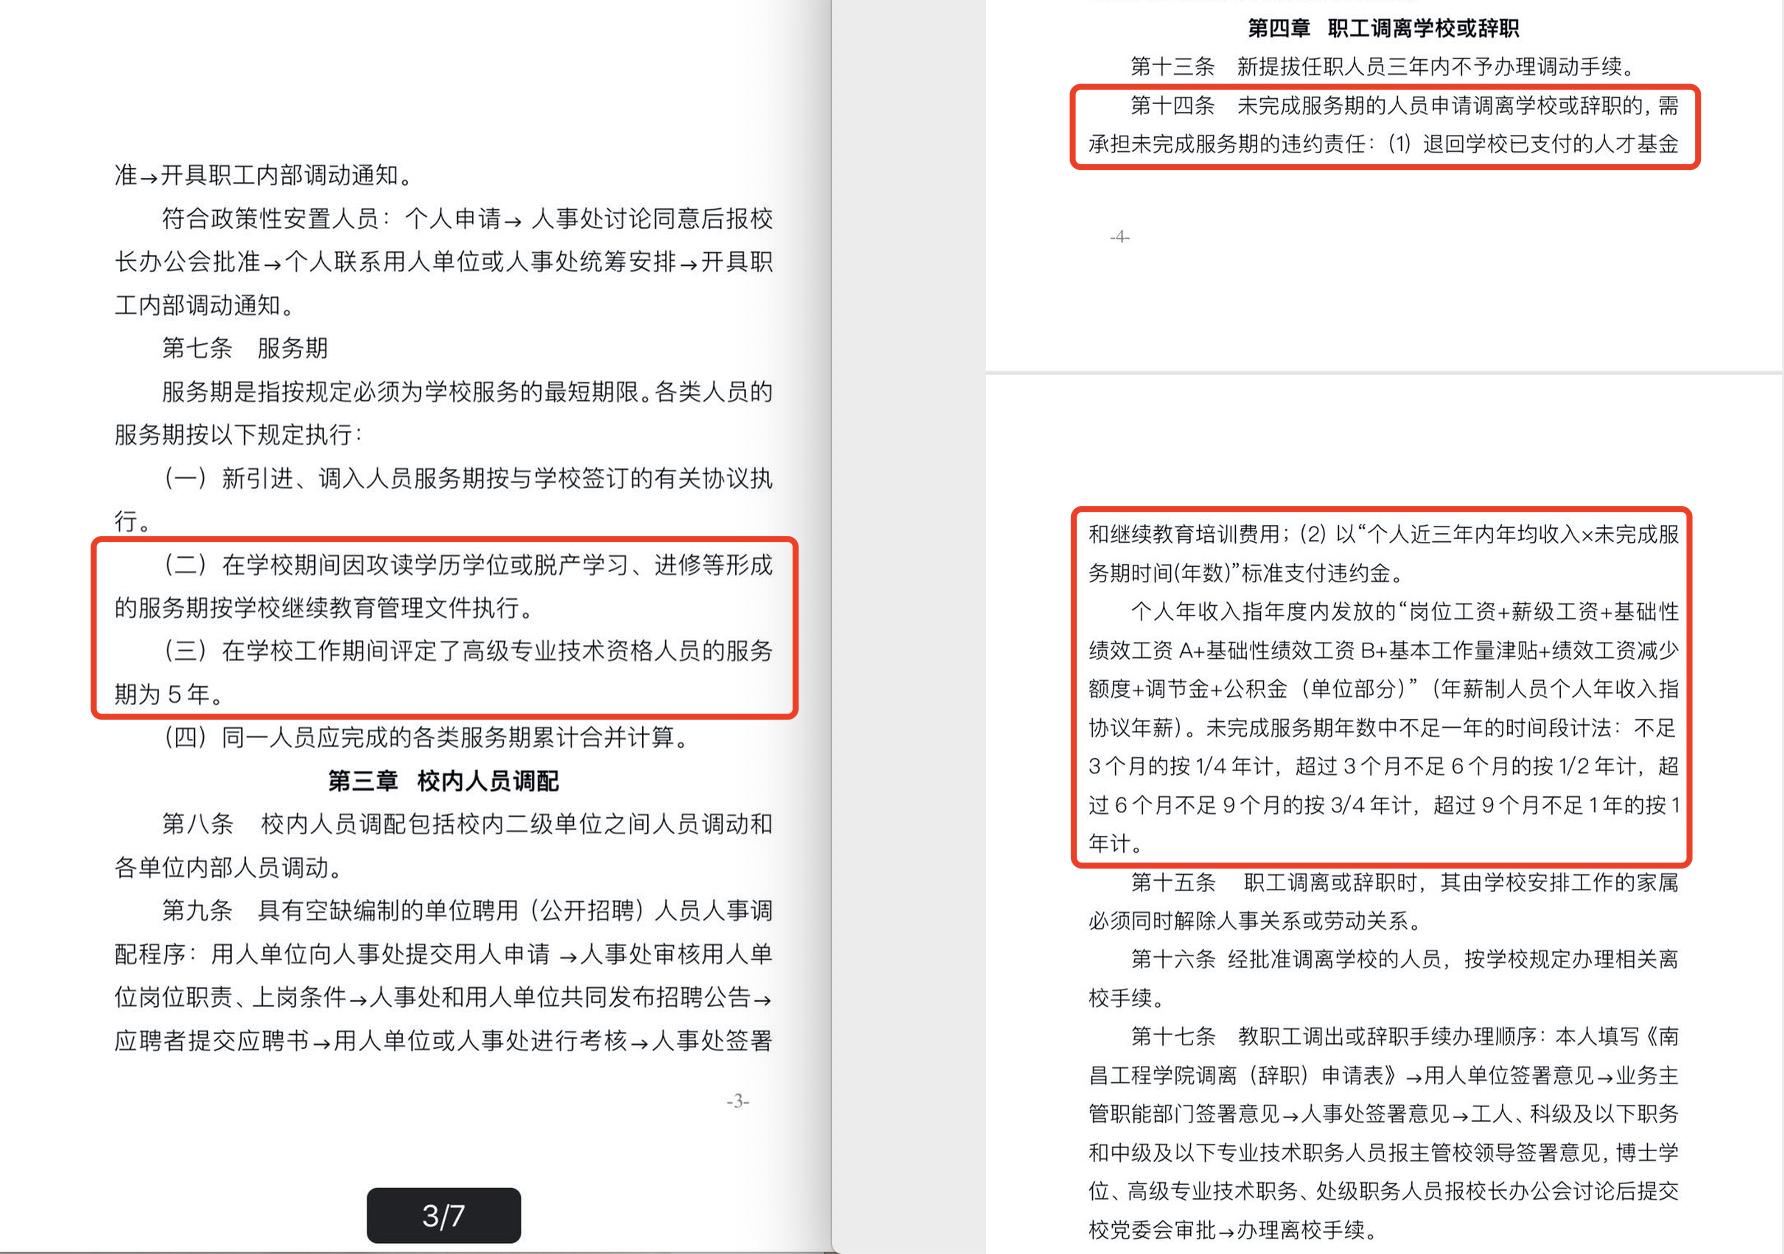 《南昌工程学院人事调配暂行规定(修订)》【南工发2018(41)号】。